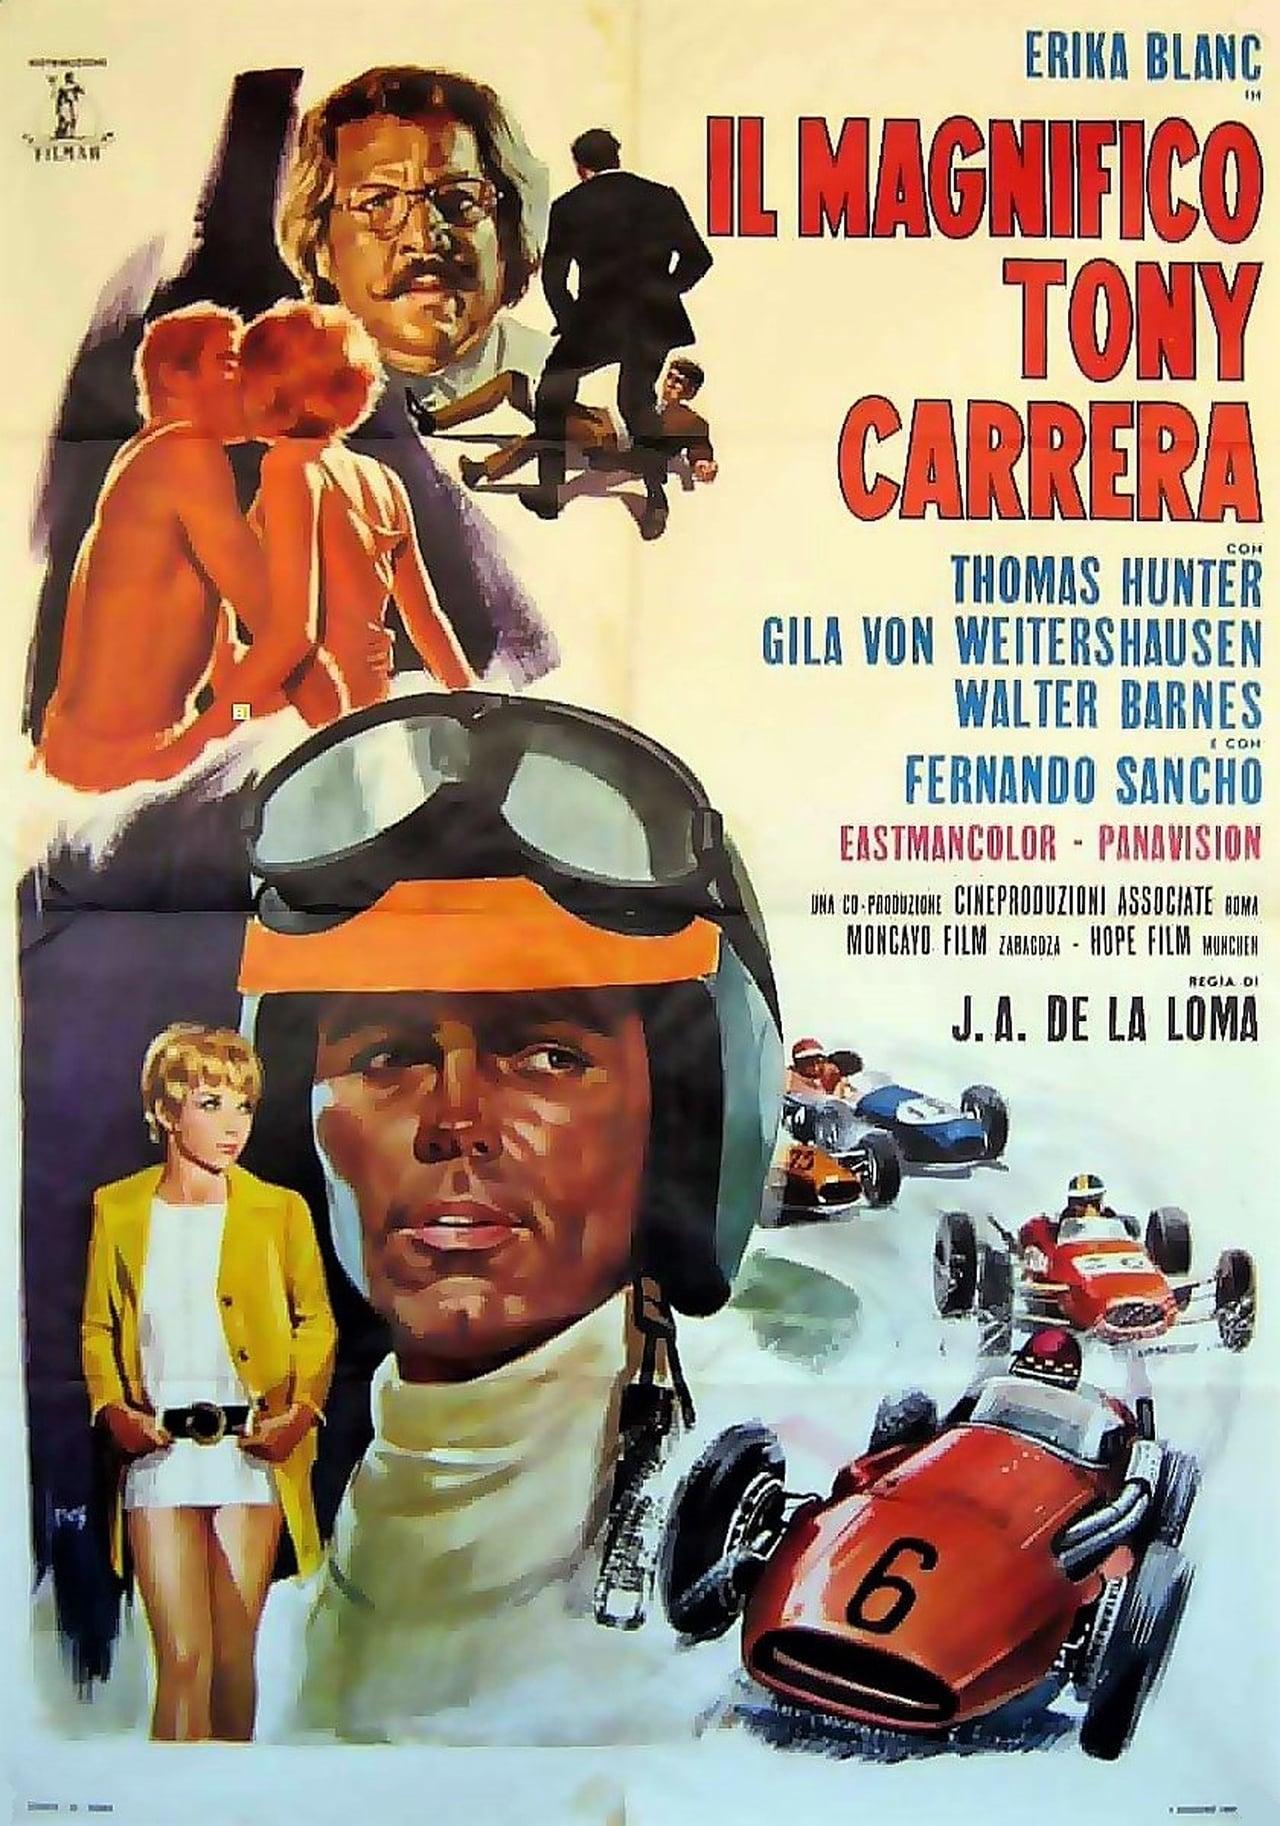 The Magnificent Tony Carrera